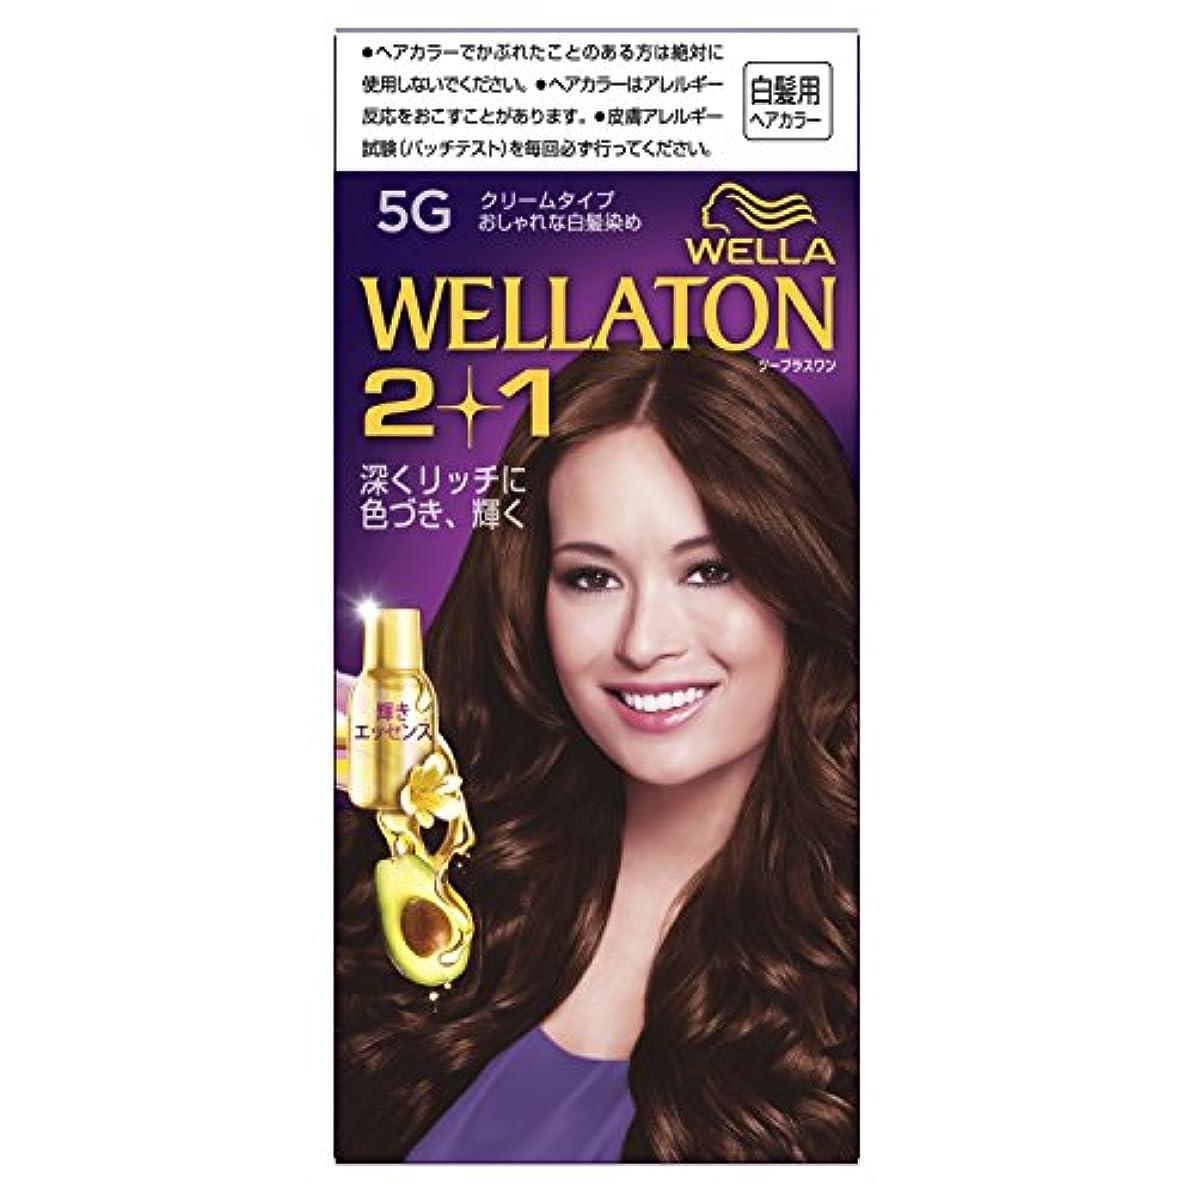 セブン統合ご注意ウエラトーン2+1 クリームタイプ 5G [医薬部外品](おしゃれな白髪染め)